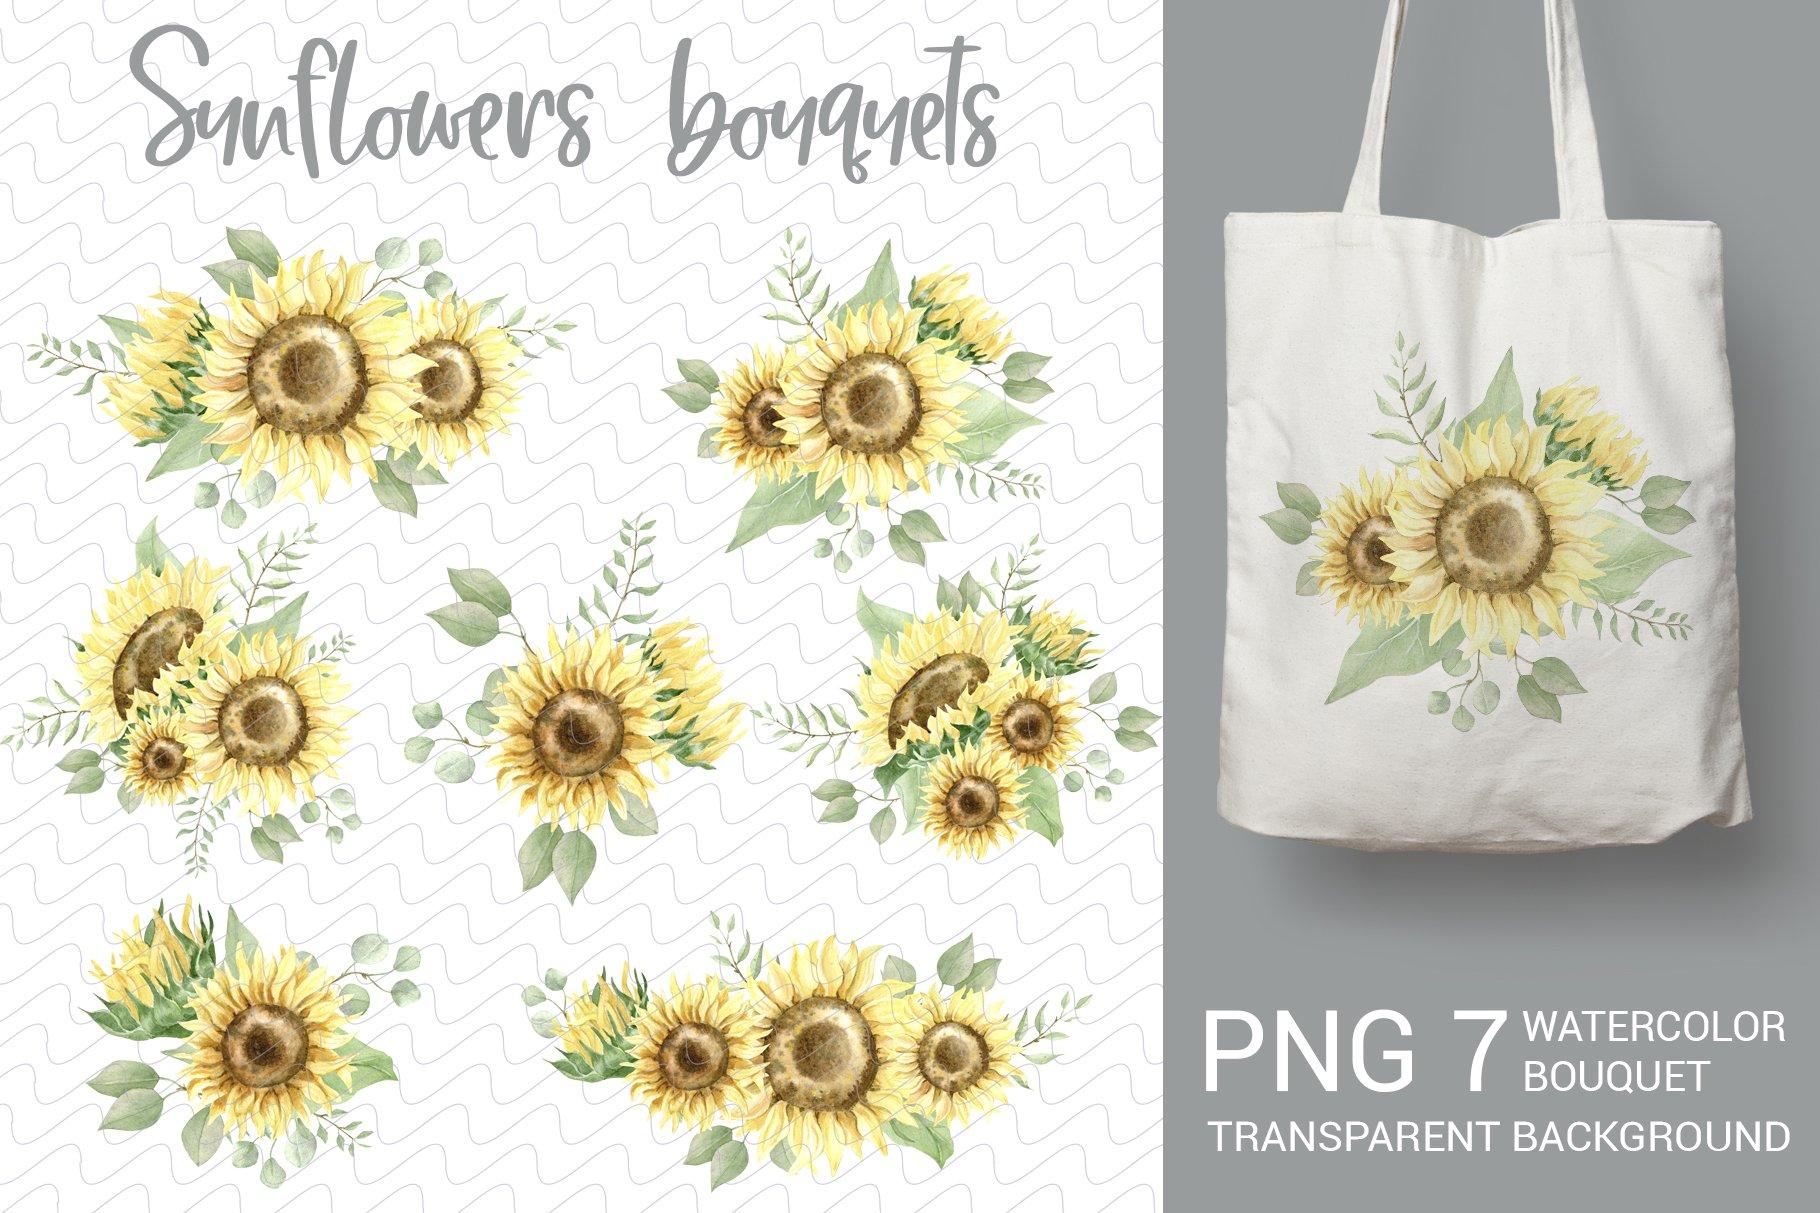 Sunflower Bouquets With Eucalyptus Watercolor Sublimation 783915 Illustrations Design Bundles